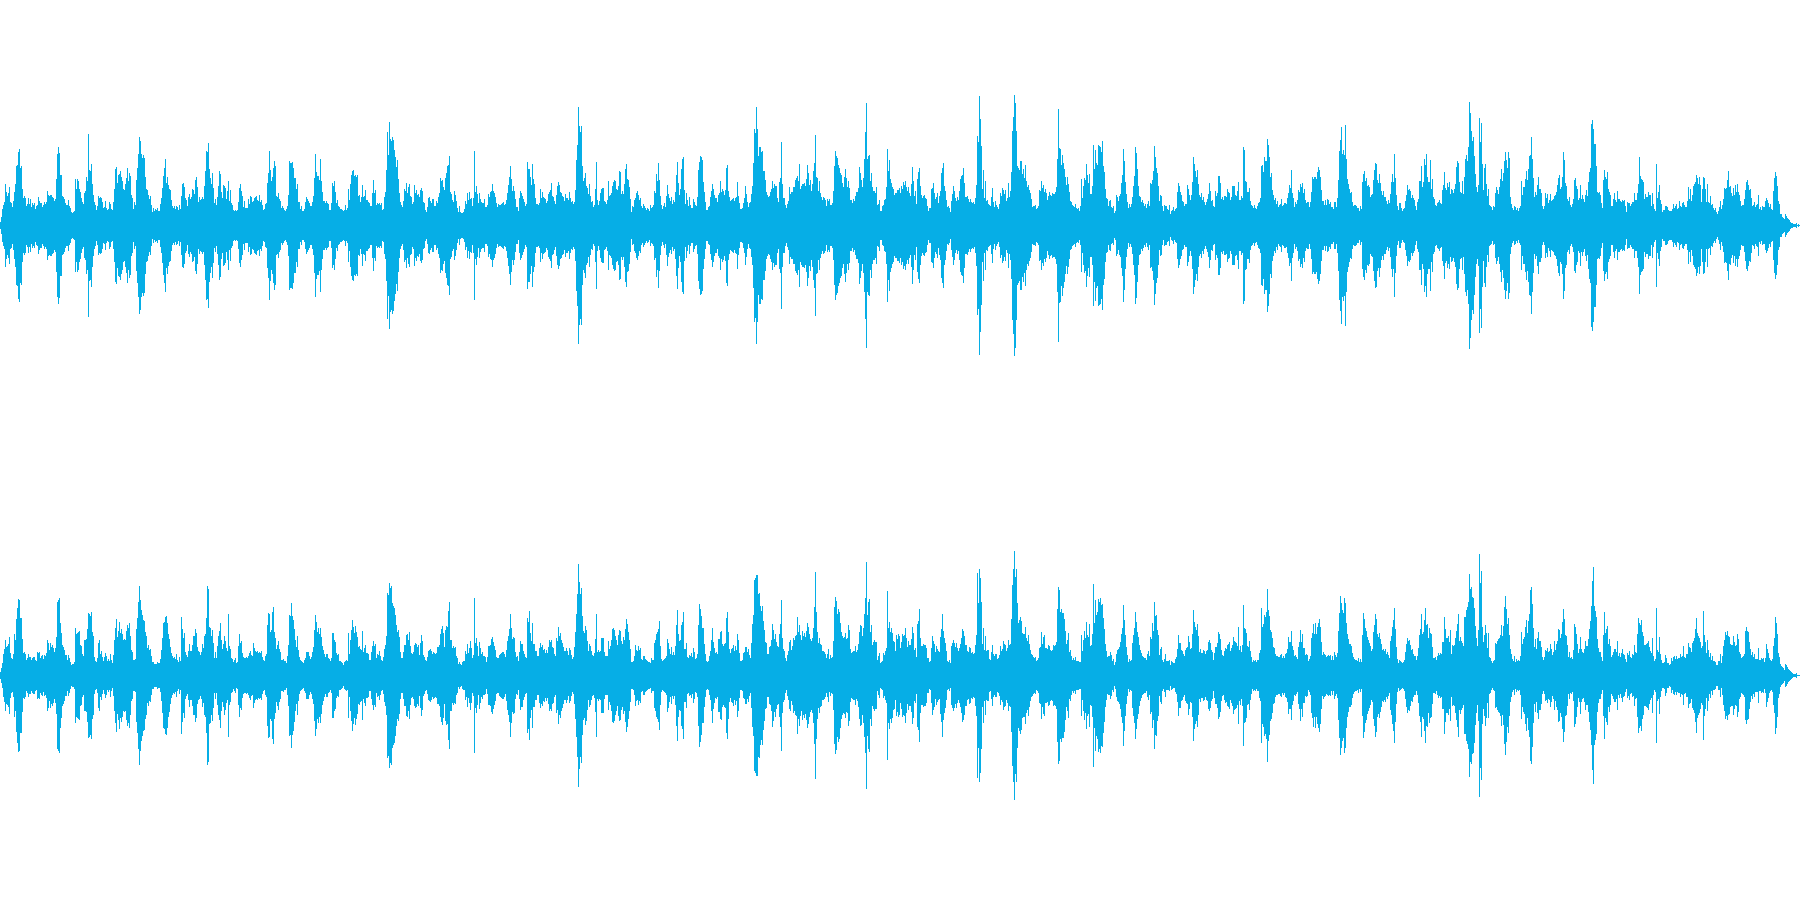 【自然音】穏やかな波 波打ち際_2の再生済みの波形